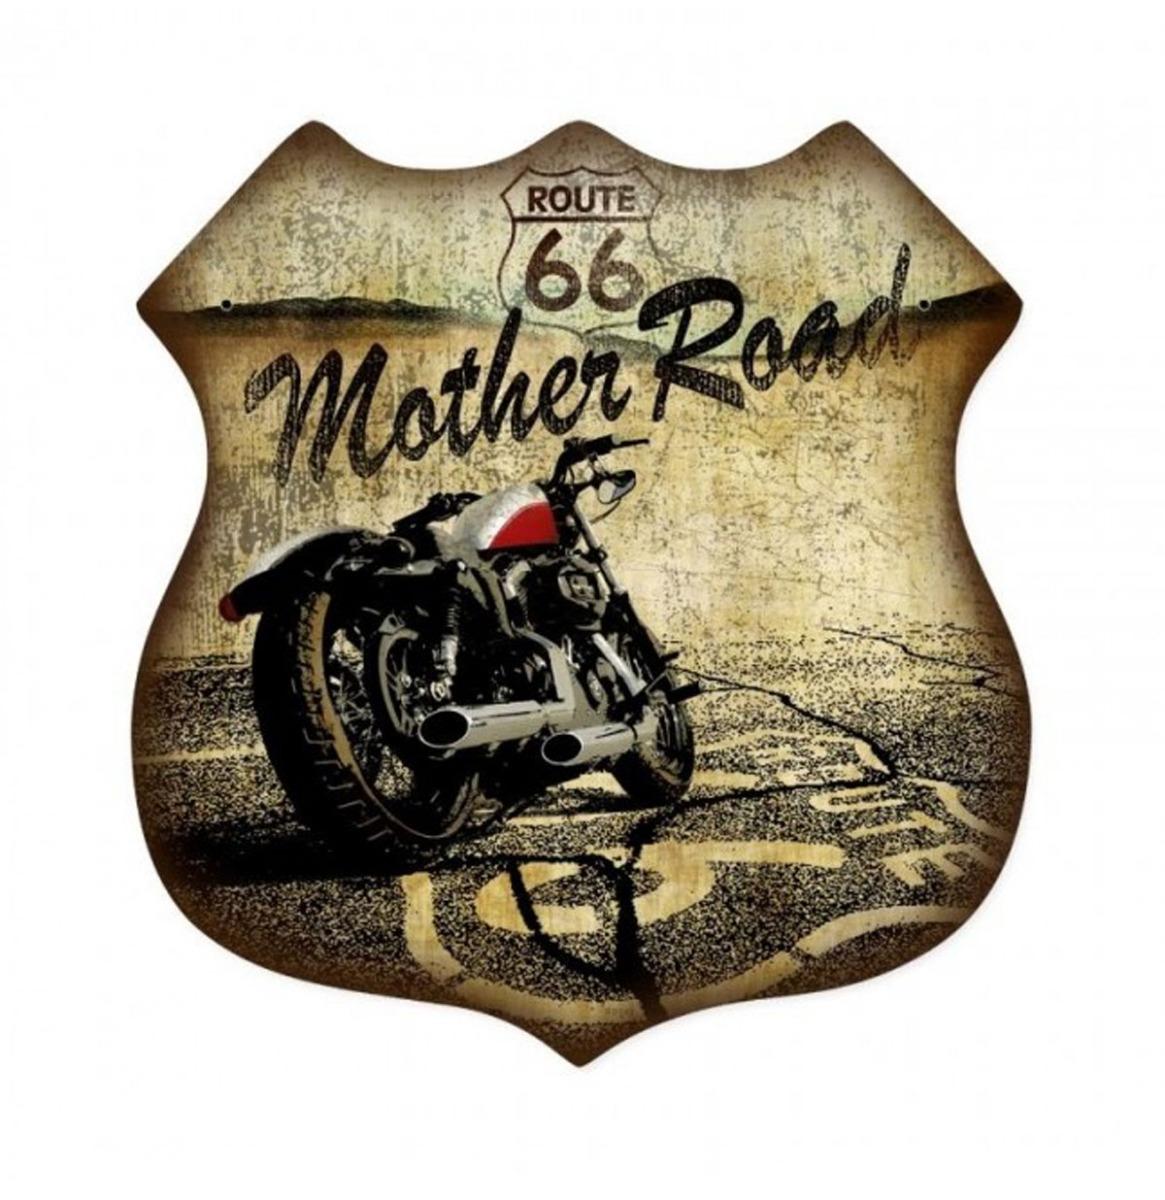 Route 66 Mother Road Zwaar Metalen Bord 38 x 38 cm